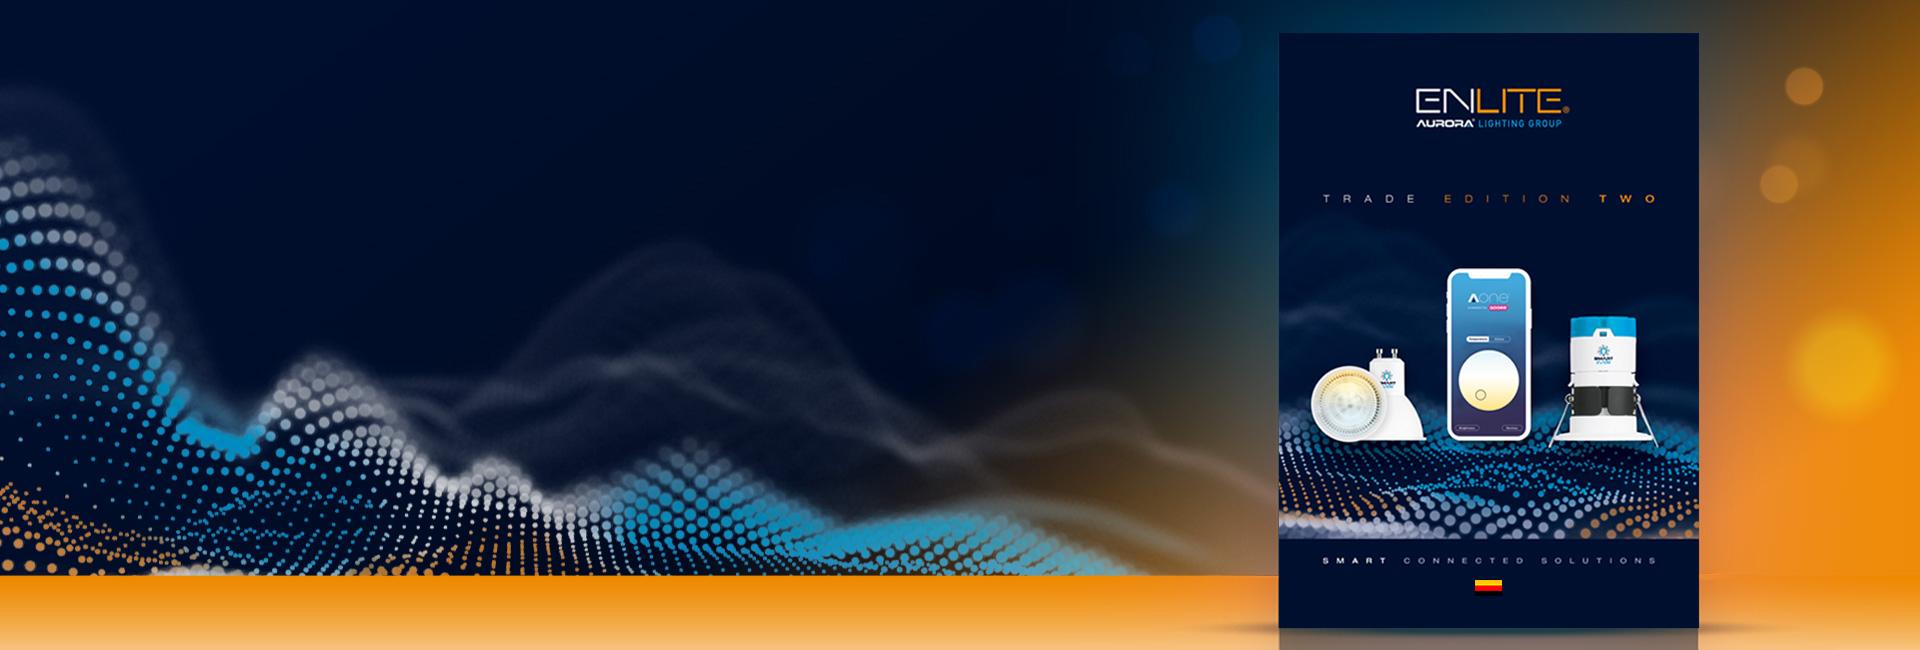 Bild für Kategorie Jetzt erhältlich! Der neue ENLITE Trade Edition Two Katalog